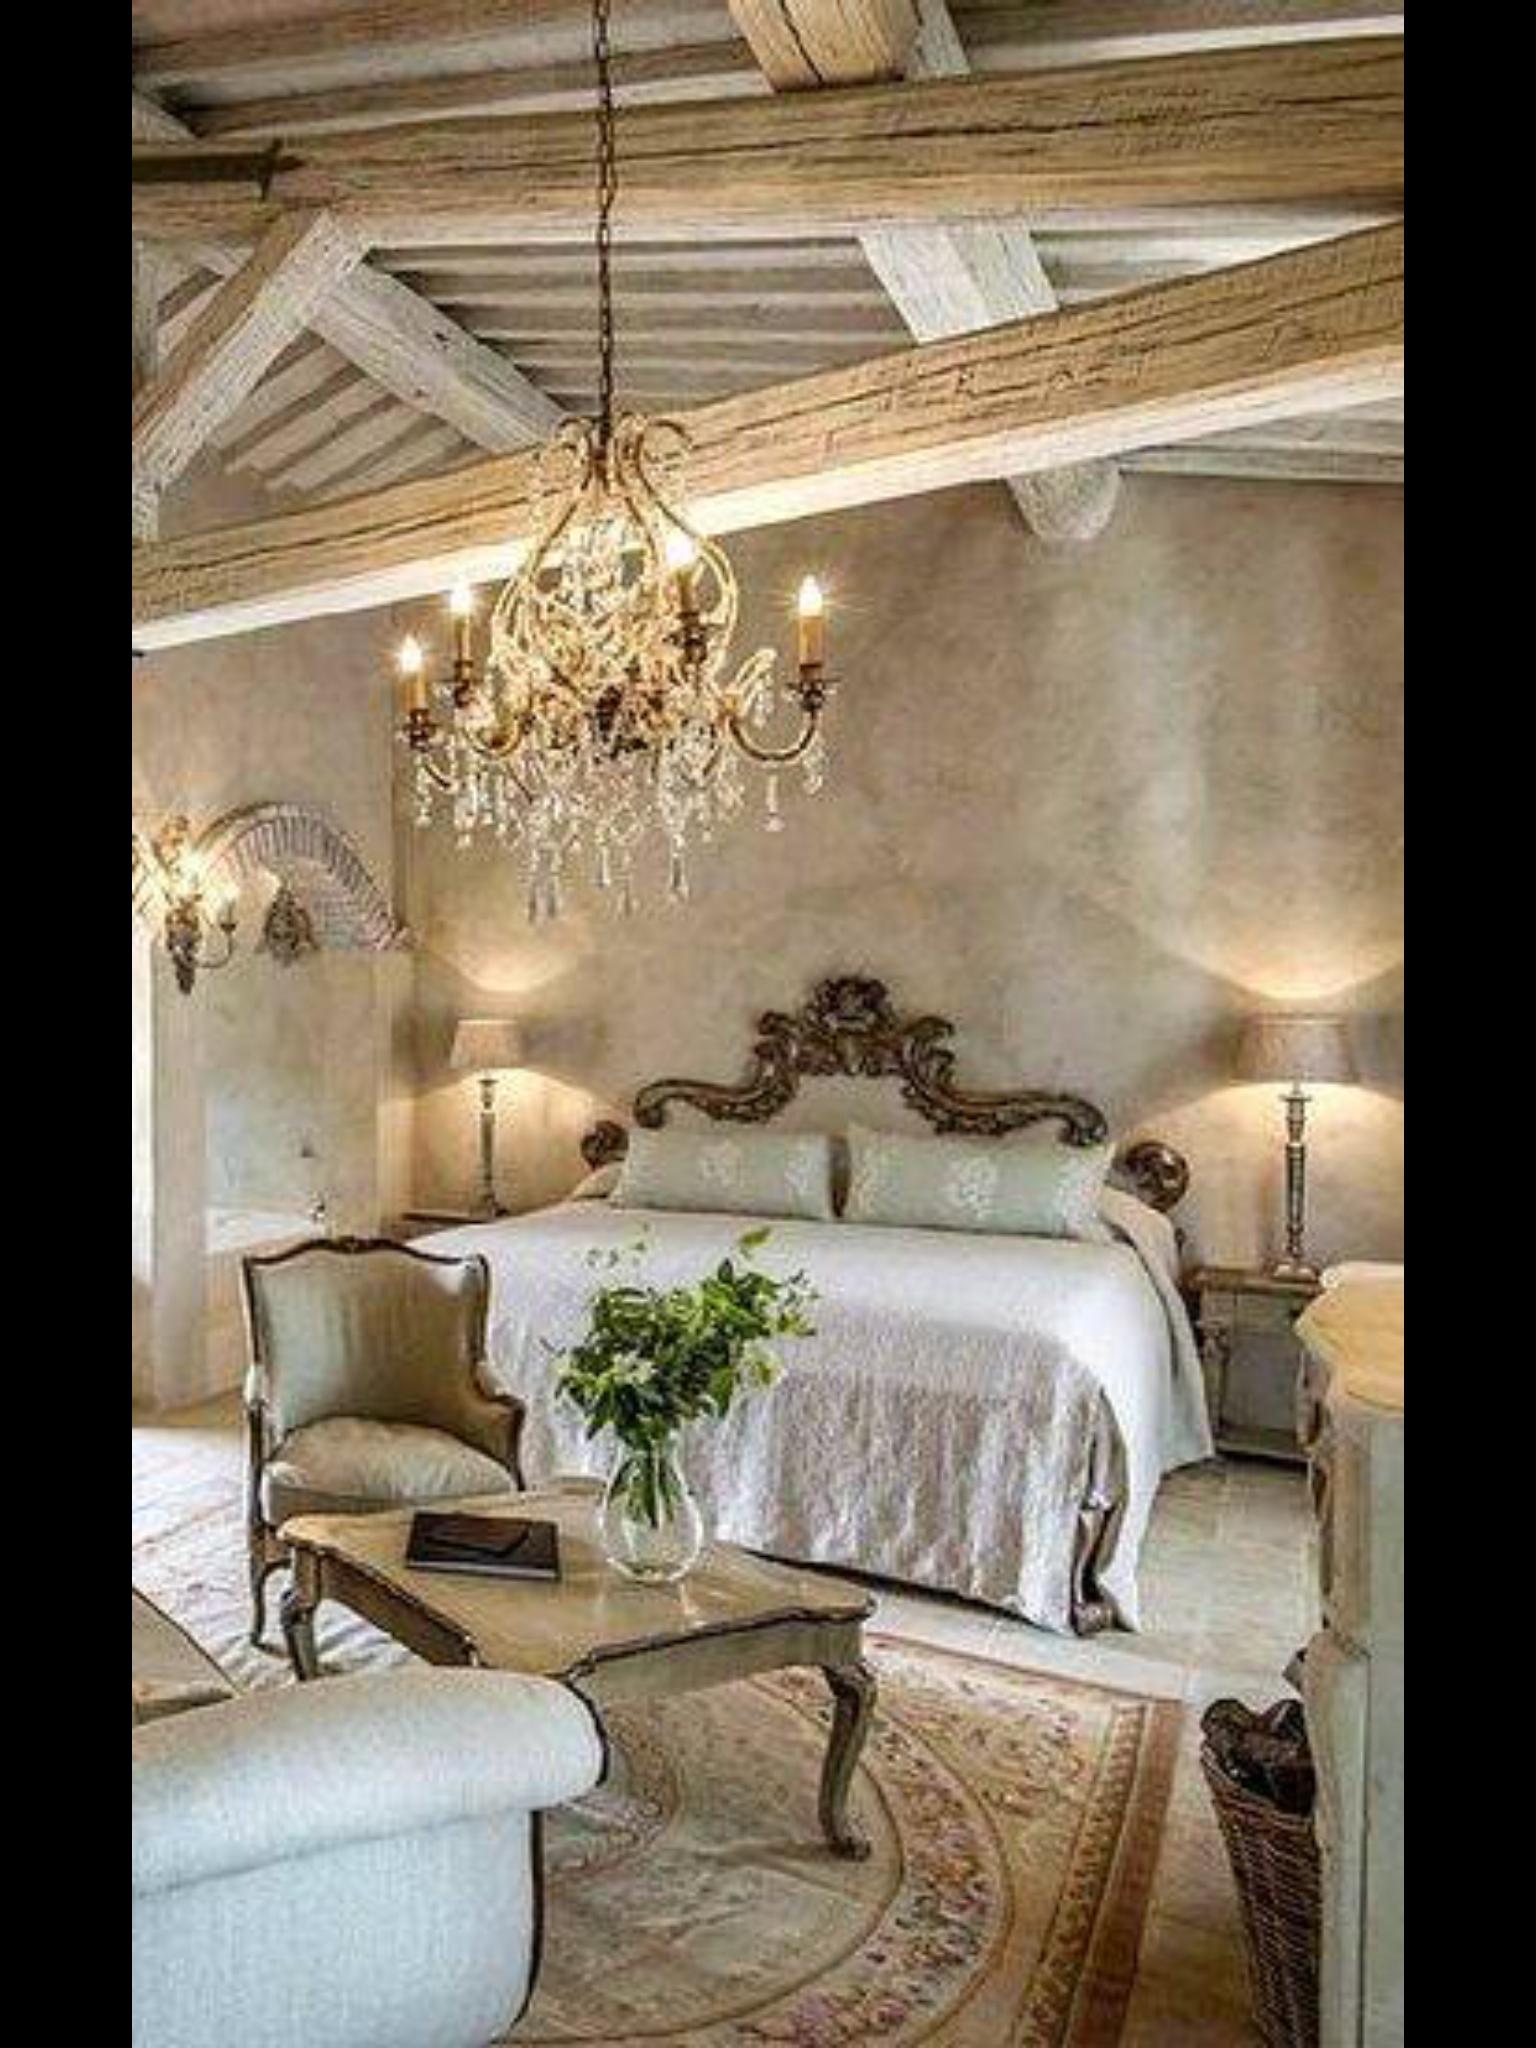 Romantisches schlafzimmer interieur pin von ingrid alves auf decoração casa e jardim  pinterest